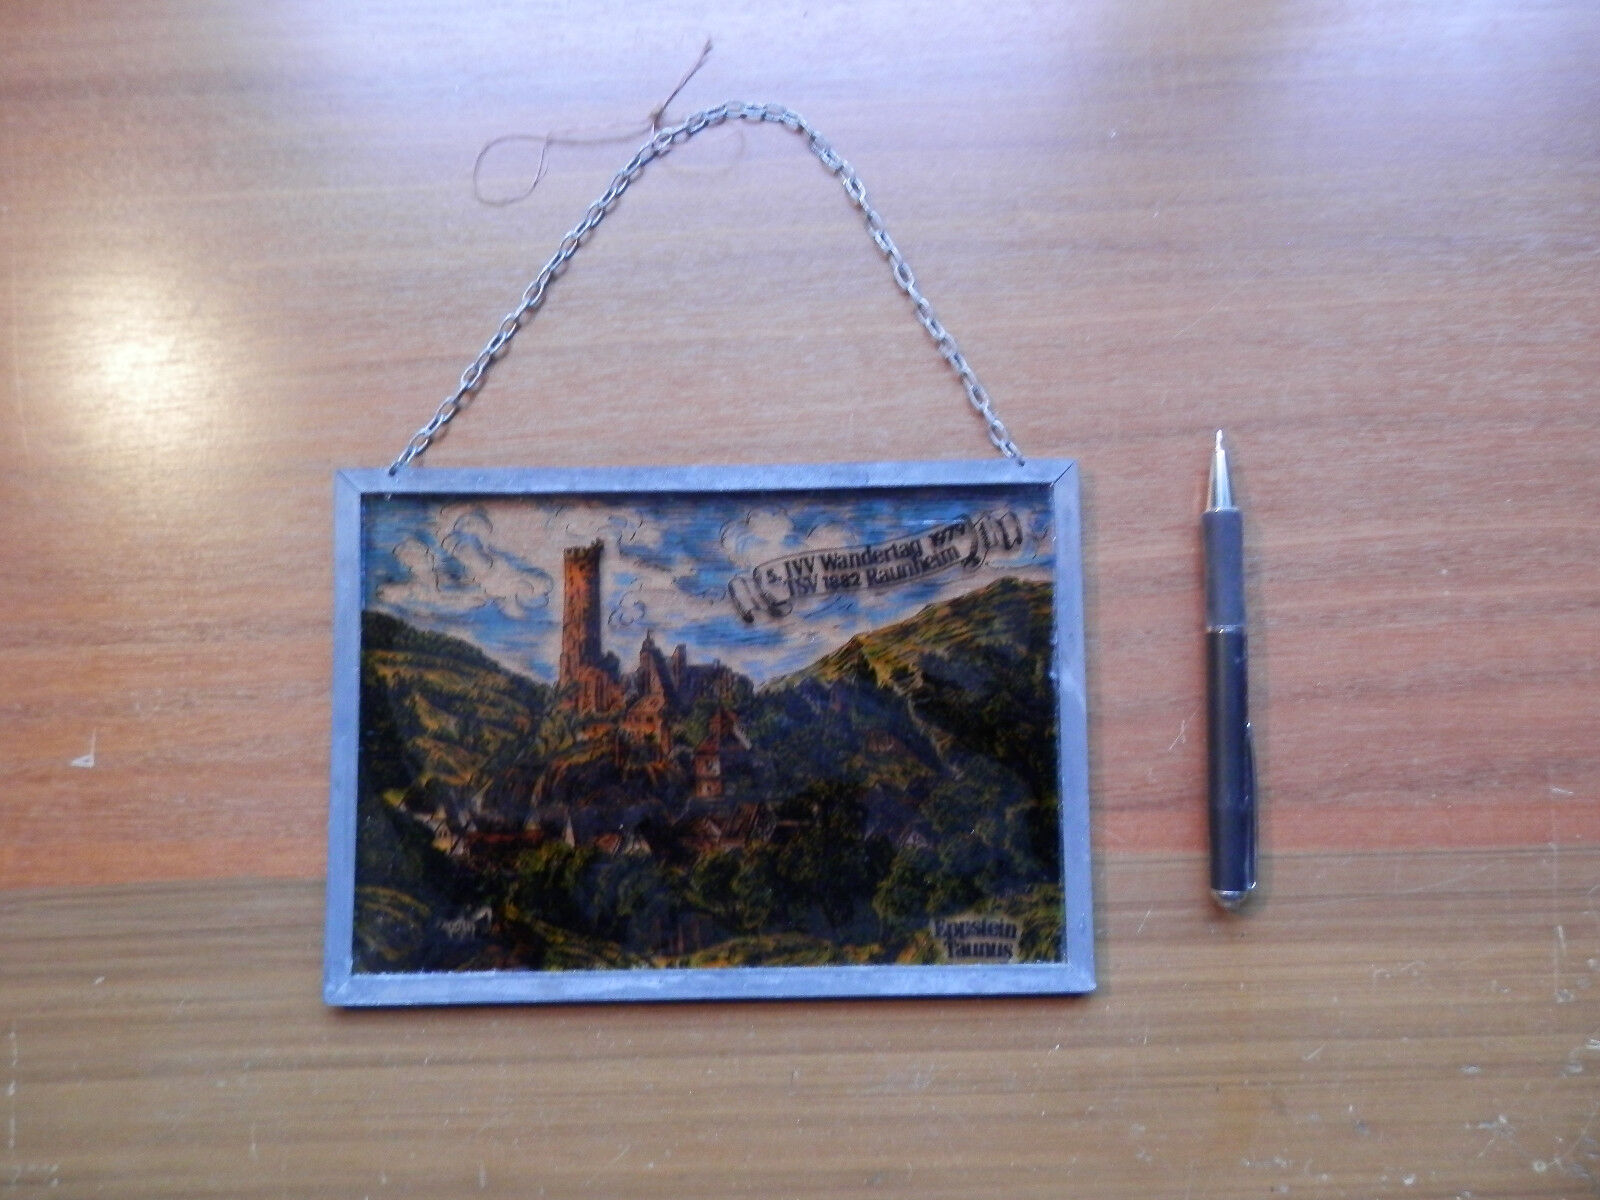 Pokale & Preise ivv Glas Wandern Waldgirmes 2003